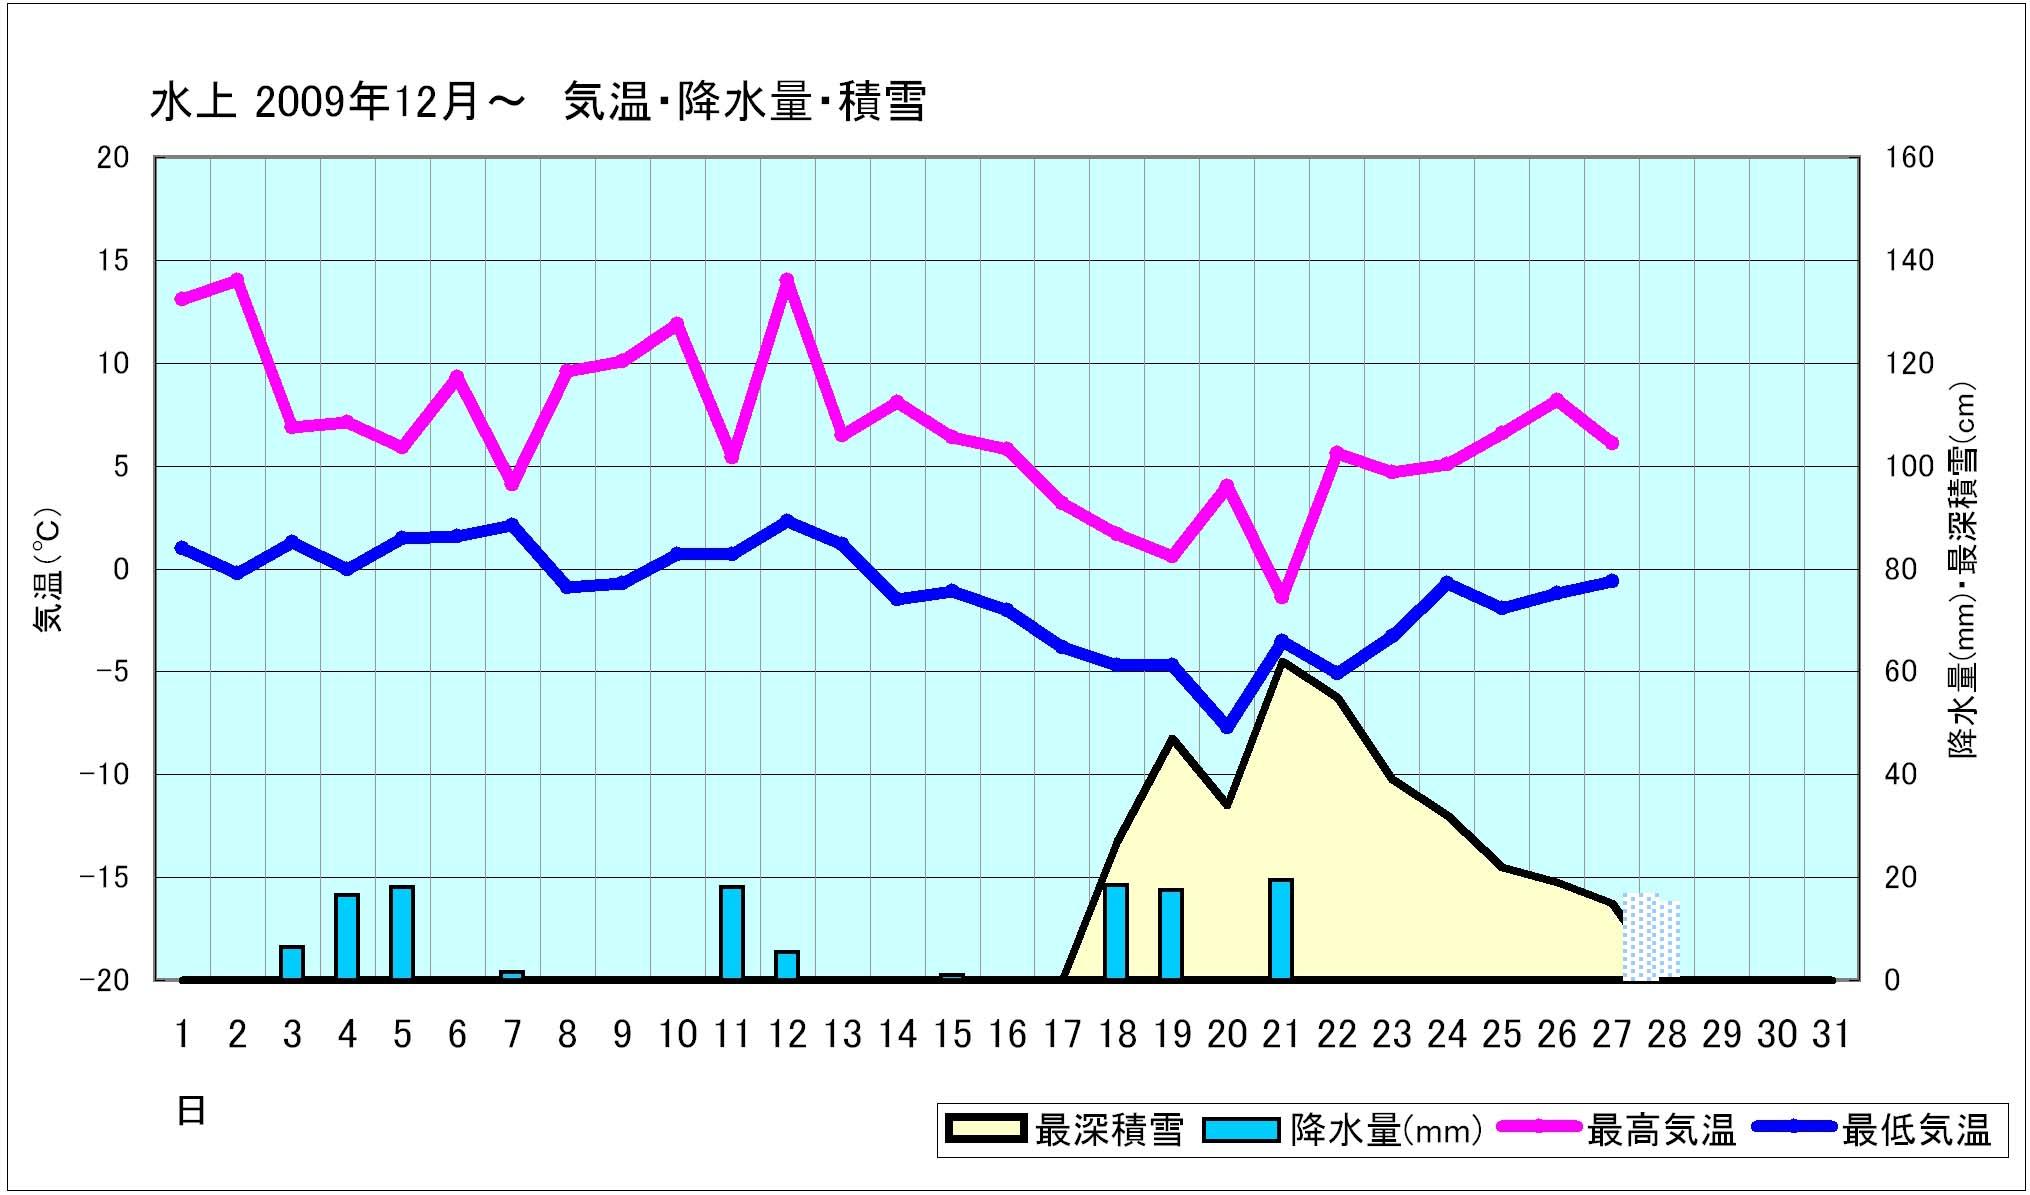 2009年12月 水上の気温と雪の状態